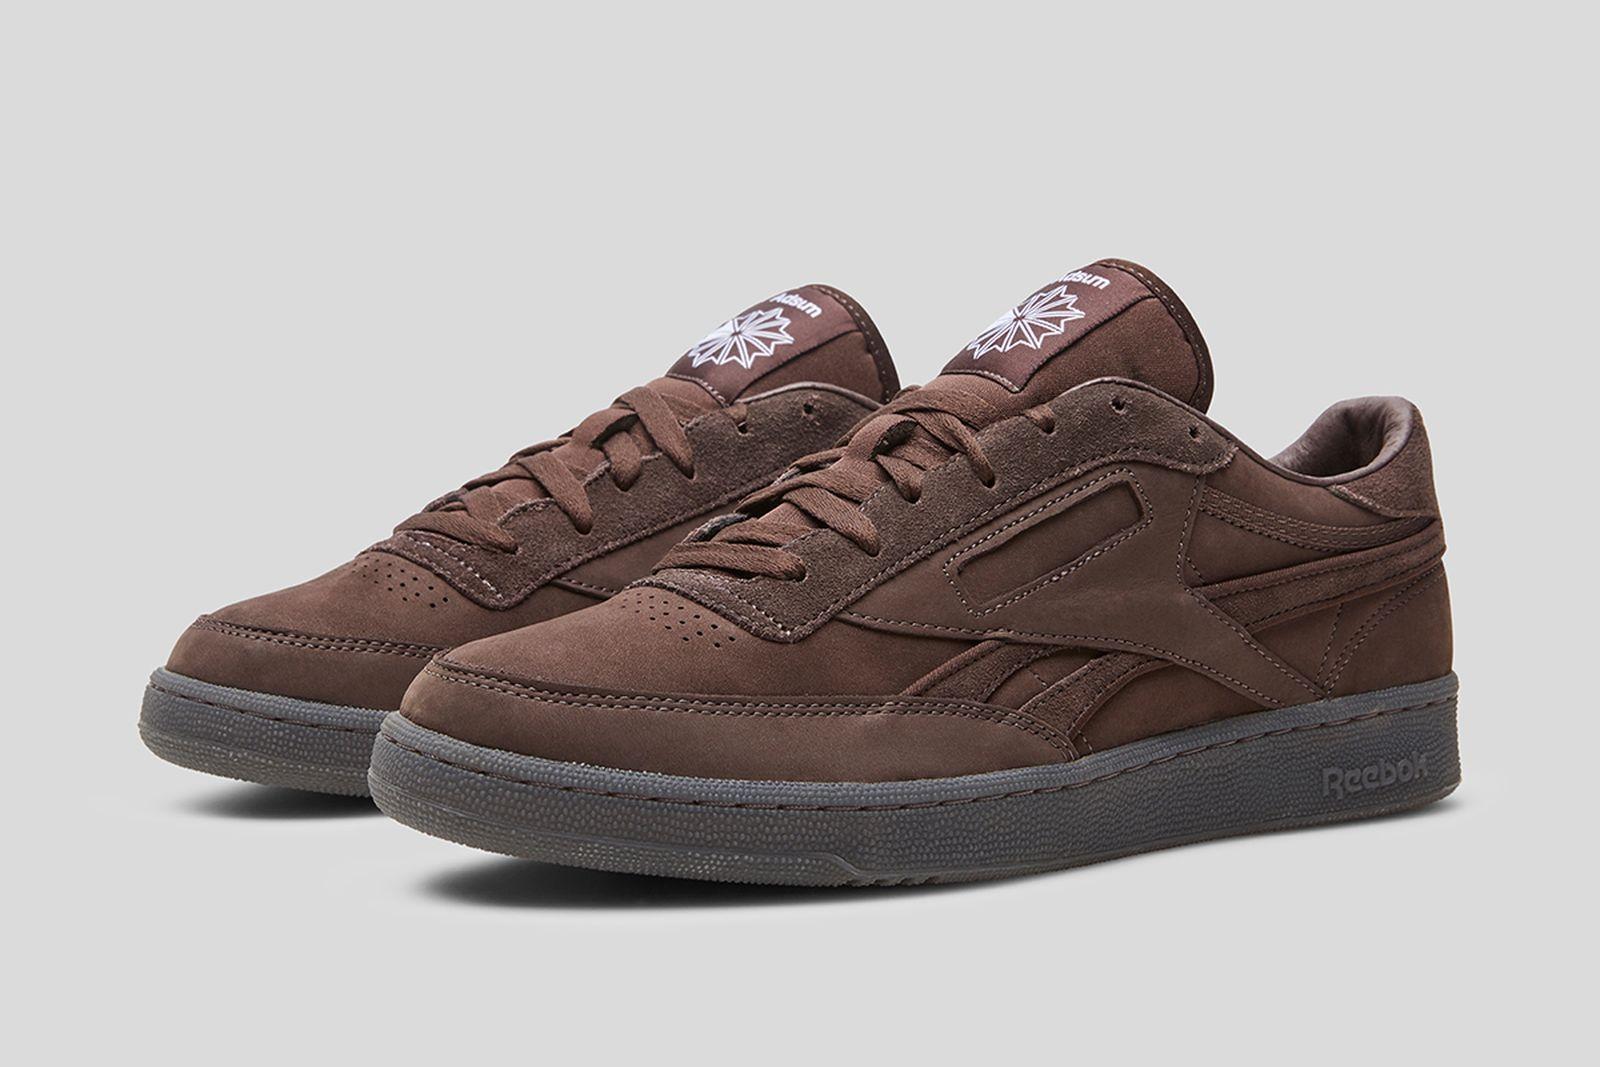 salehe-bembury-grailed-sneaker-sale-04